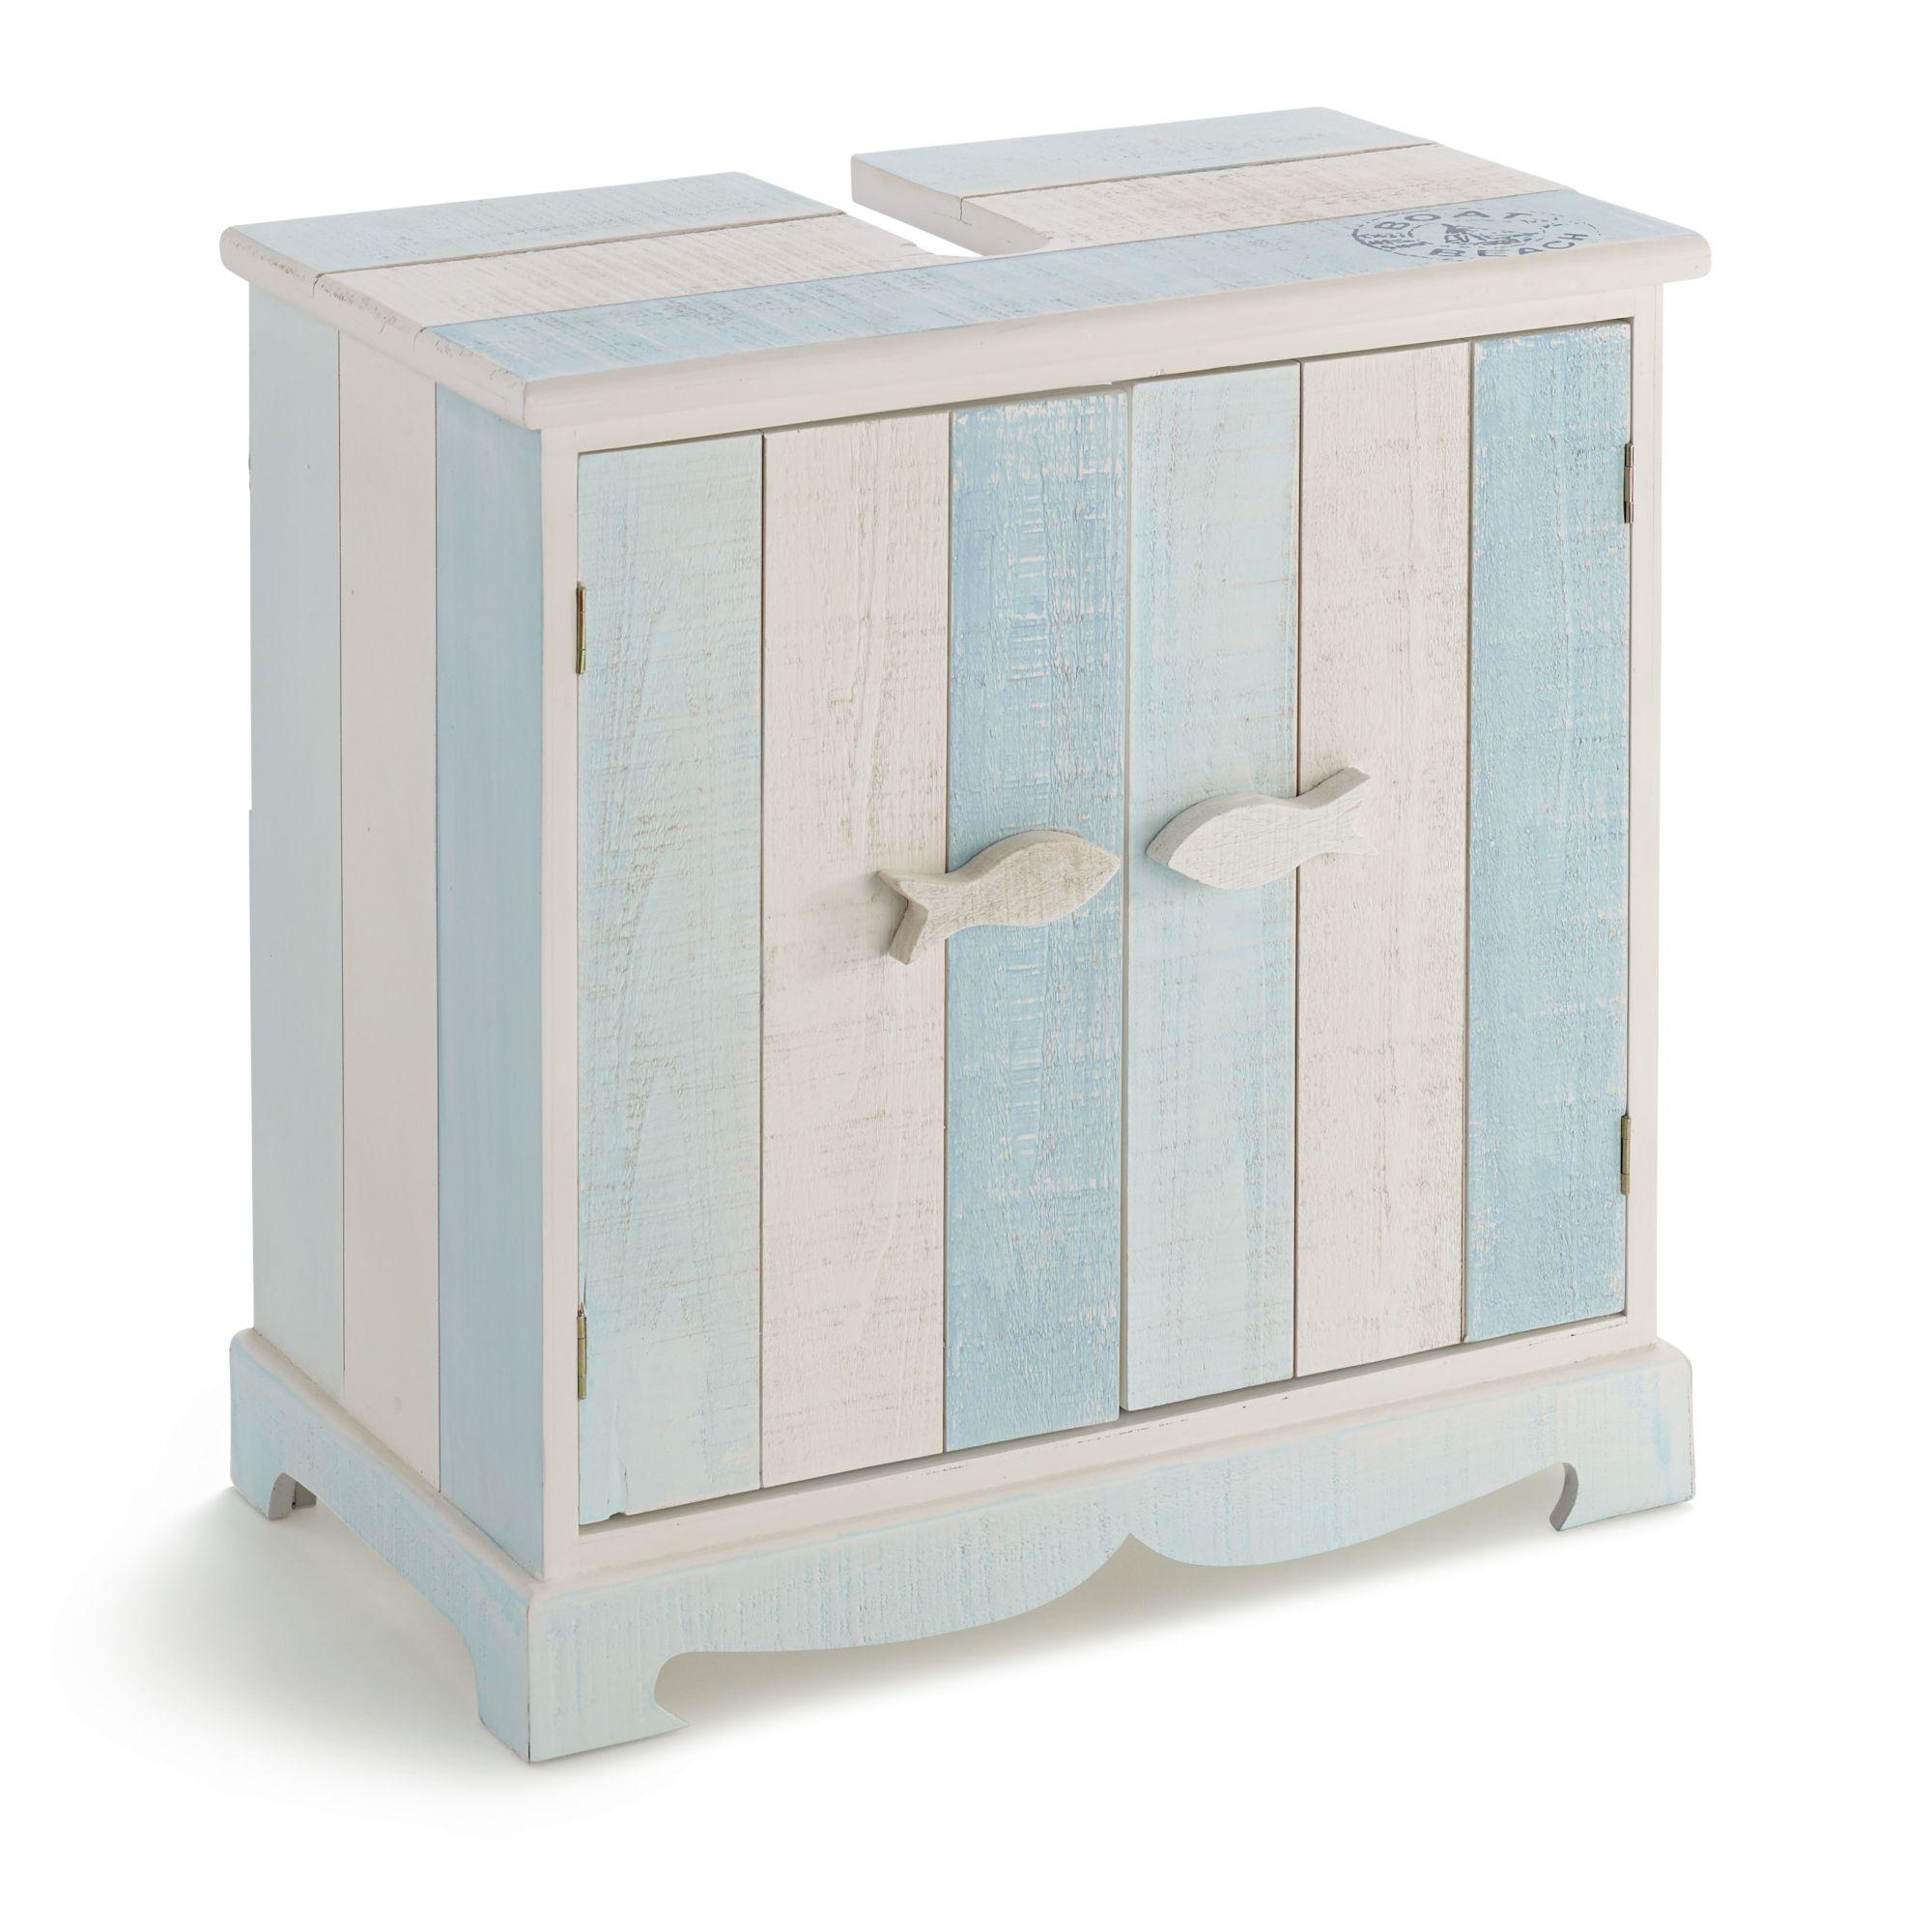 badm bel maritim. Black Bedroom Furniture Sets. Home Design Ideas